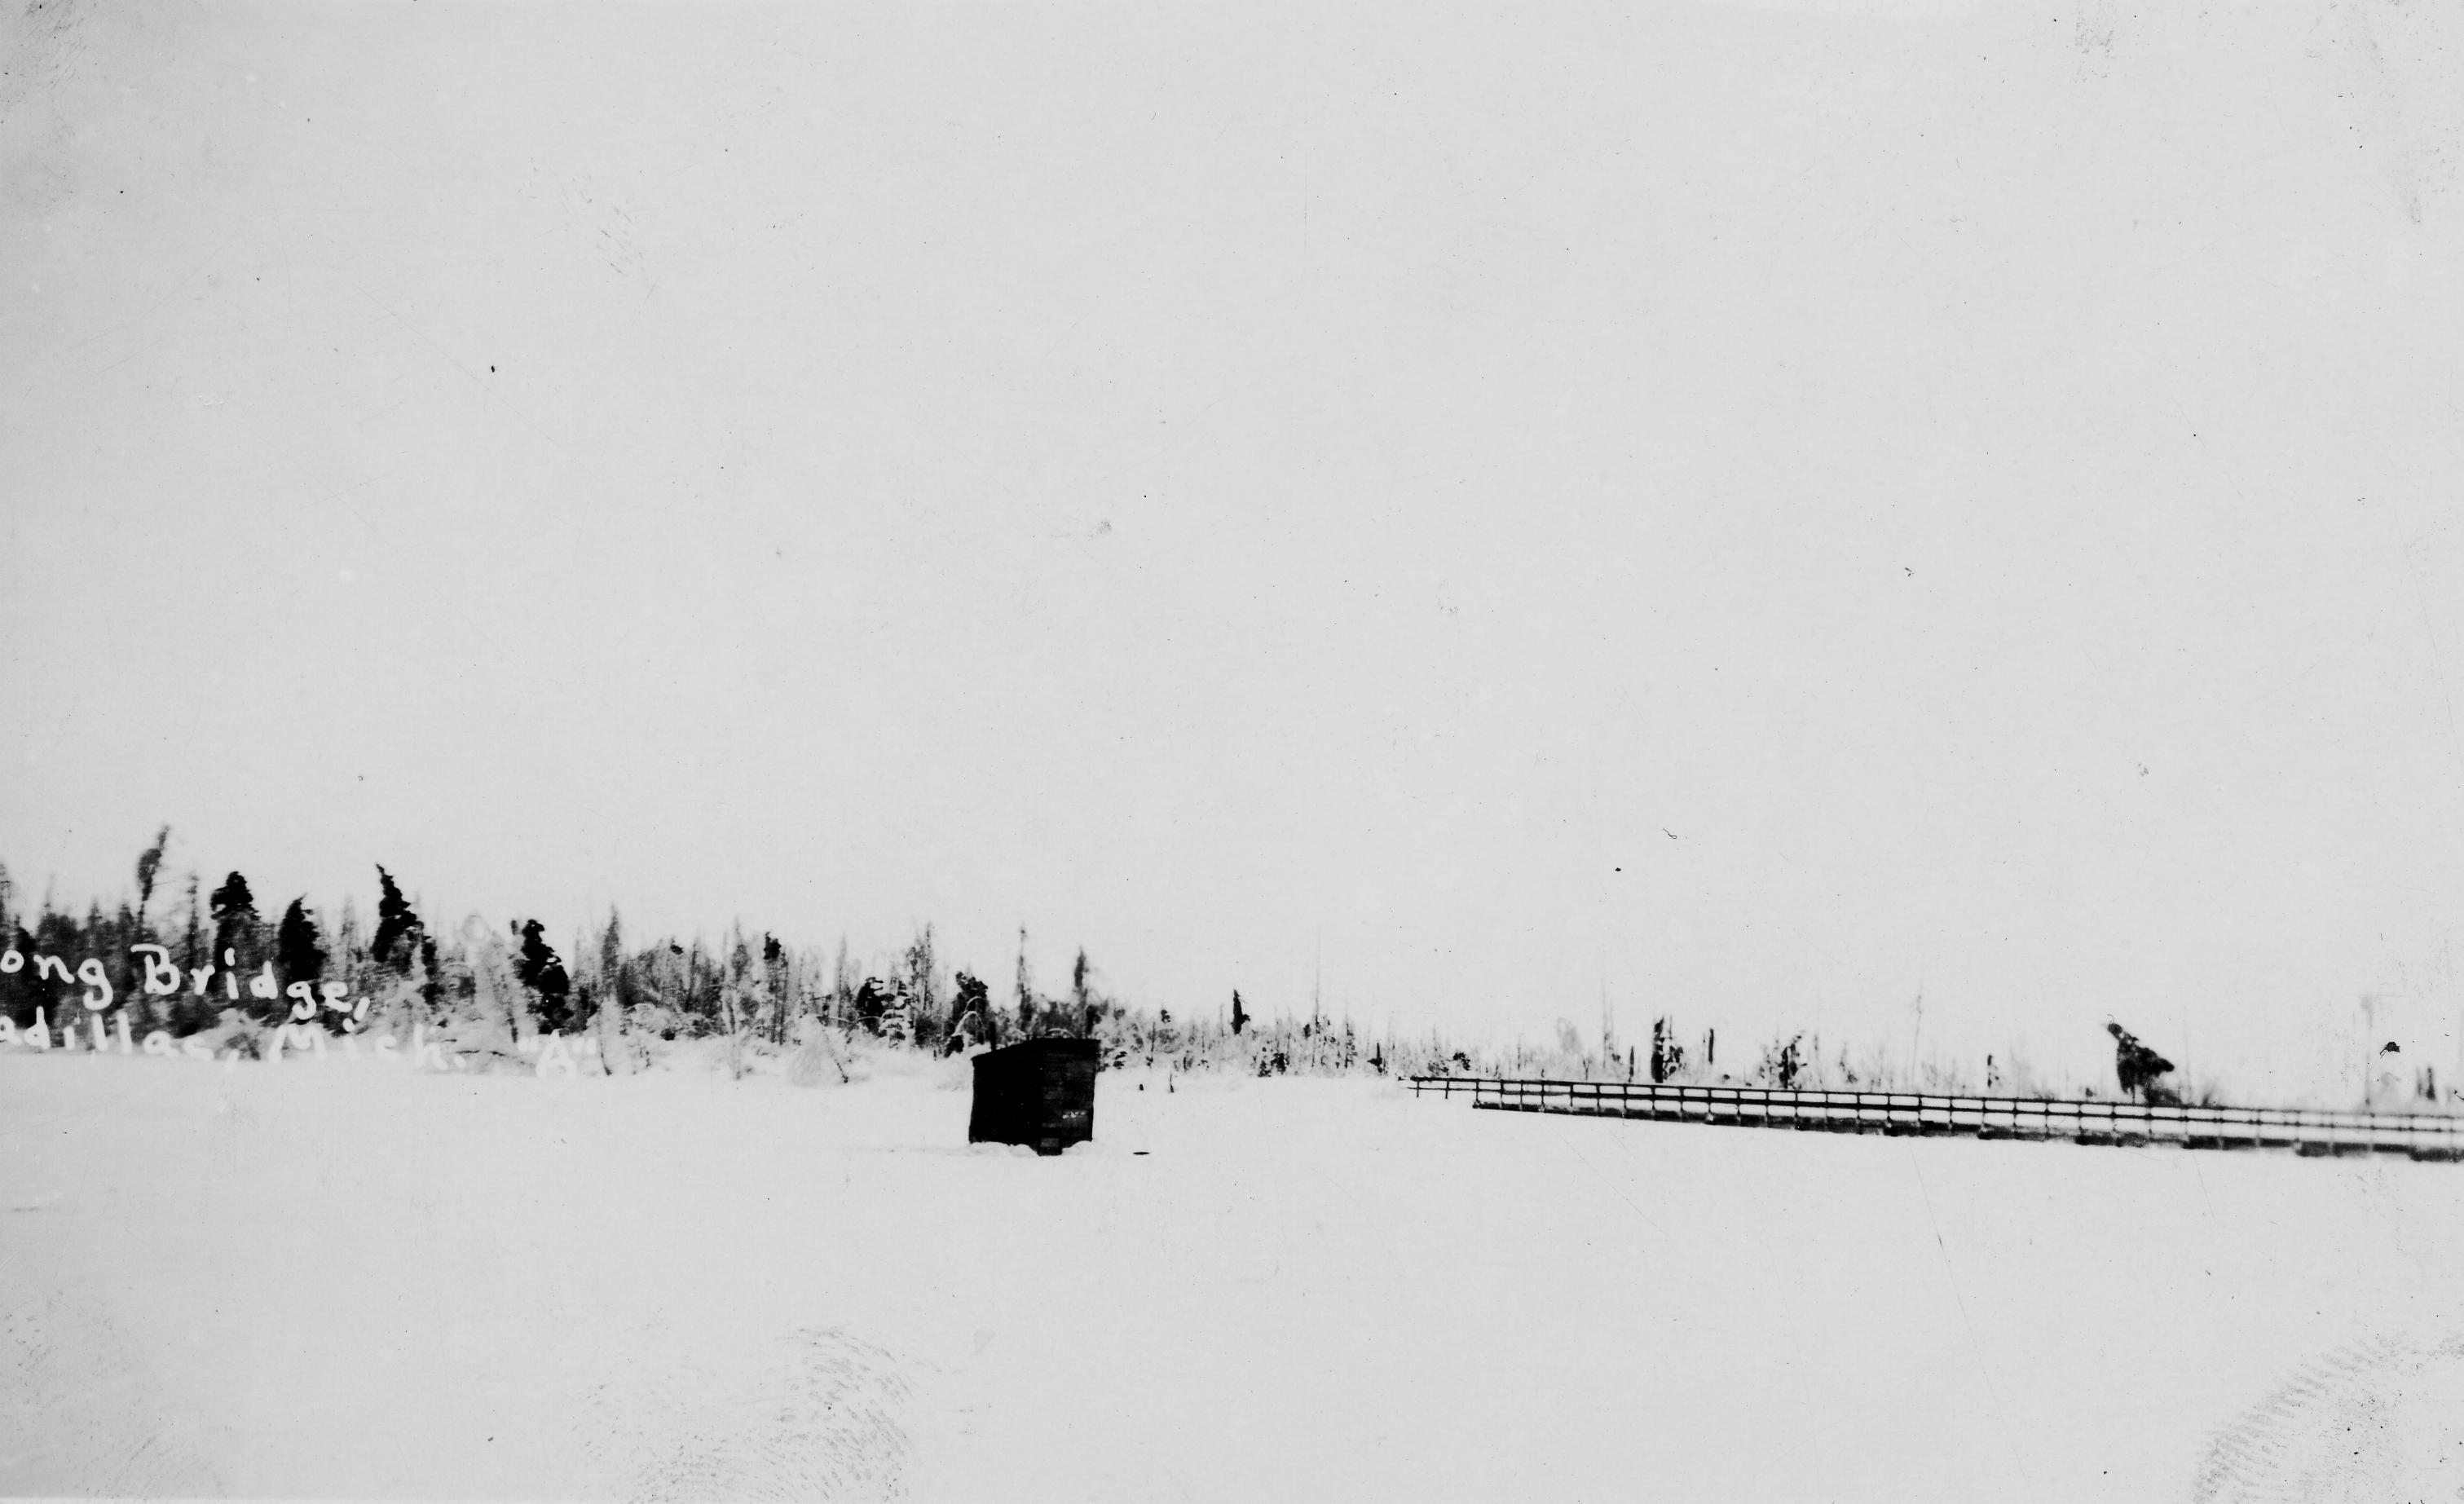 1922 Ice Storm - Long Bridge